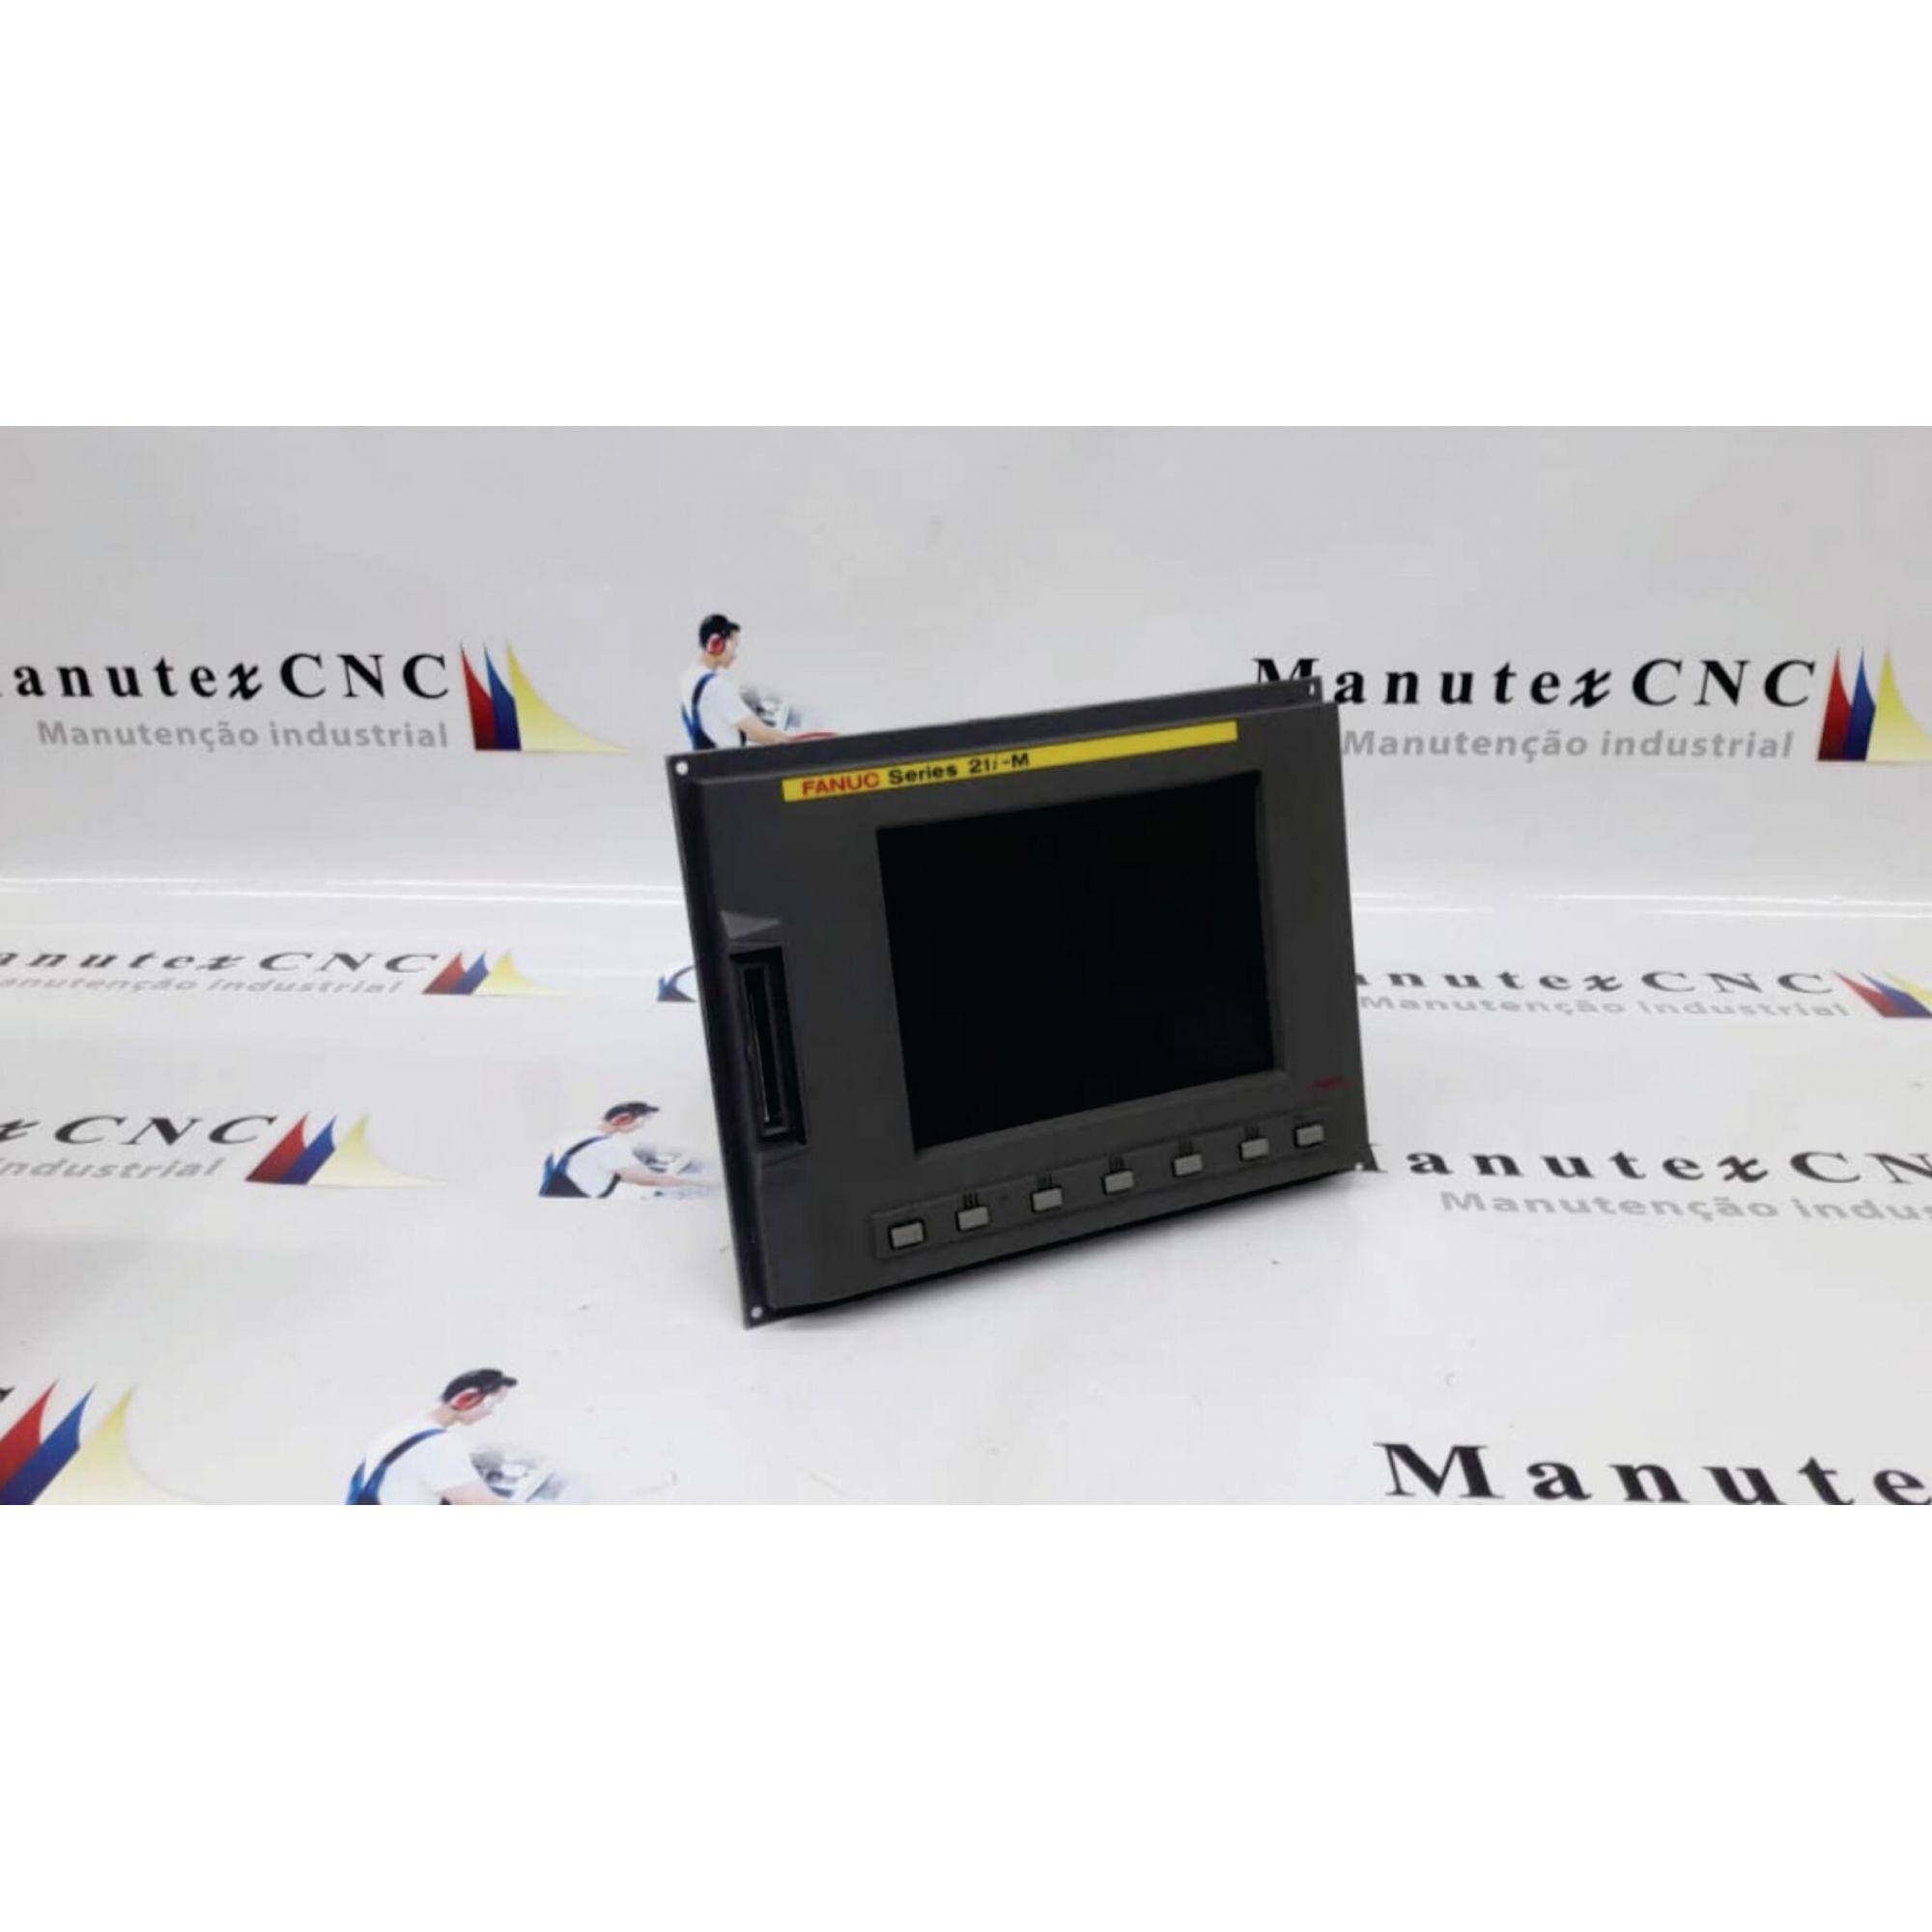 A02B-0247-B531 | 21i-M | CNC | FANUC